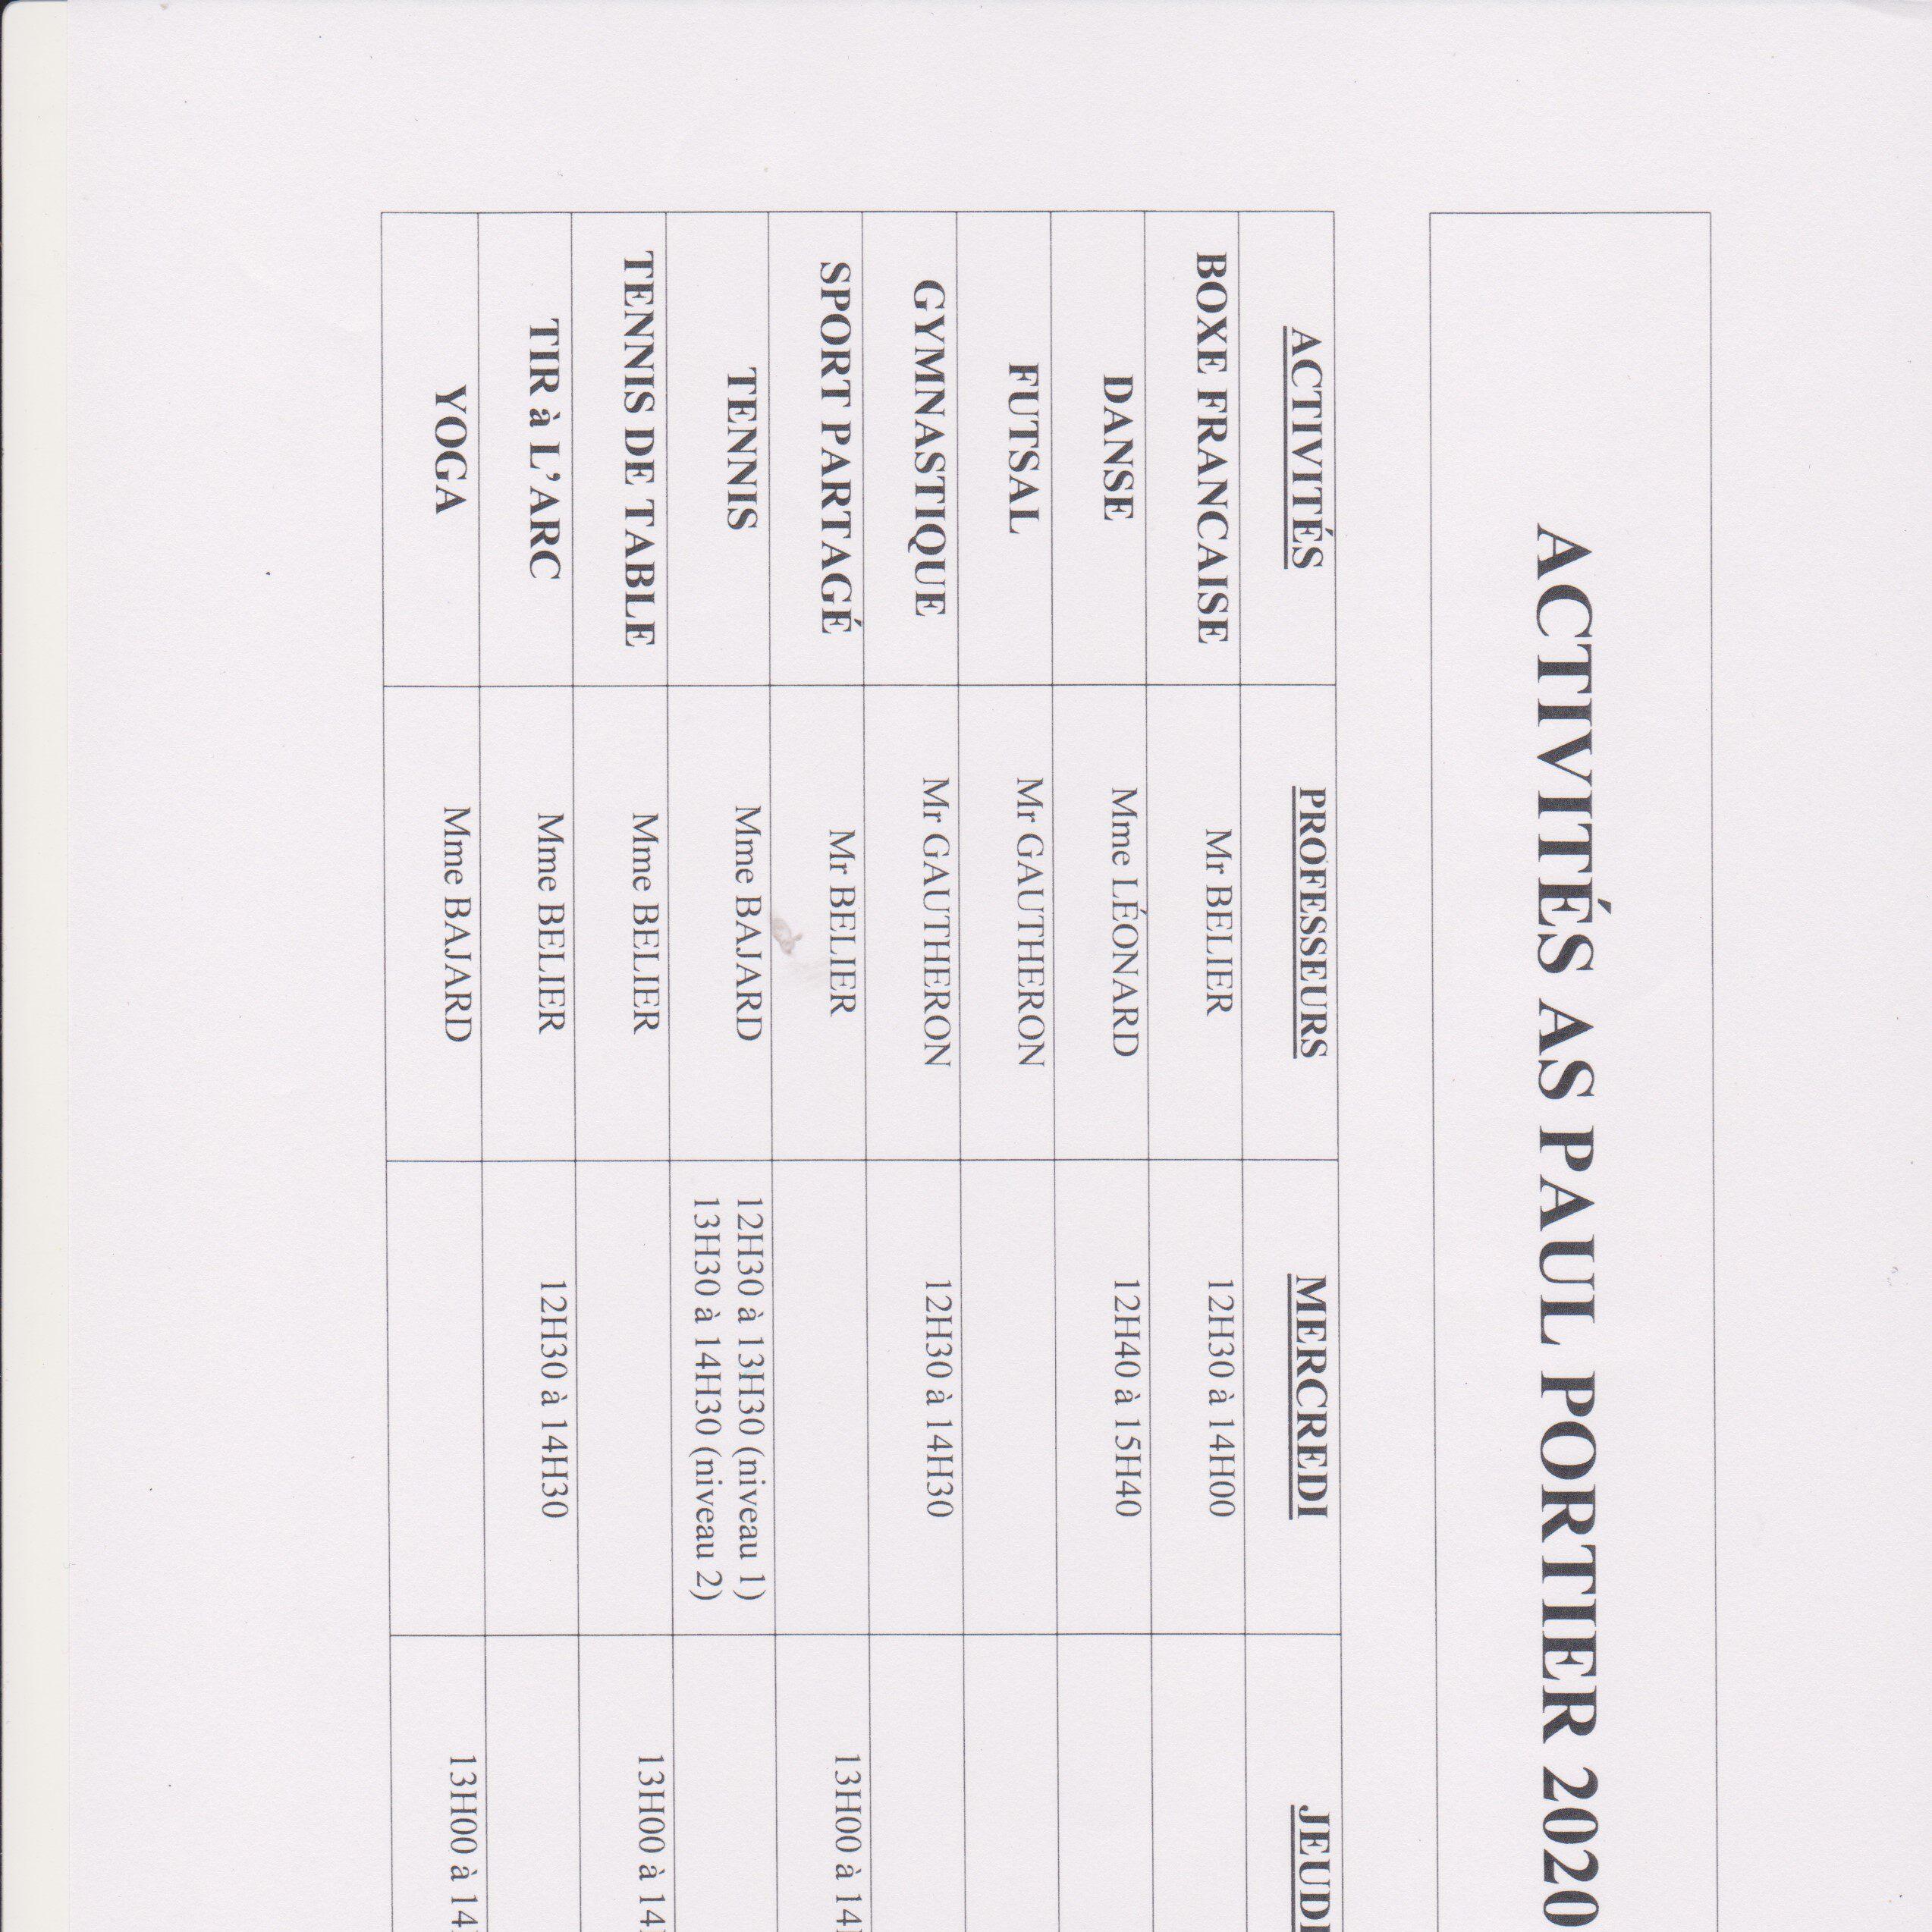 Liste des activités de l'AS Paul Portier